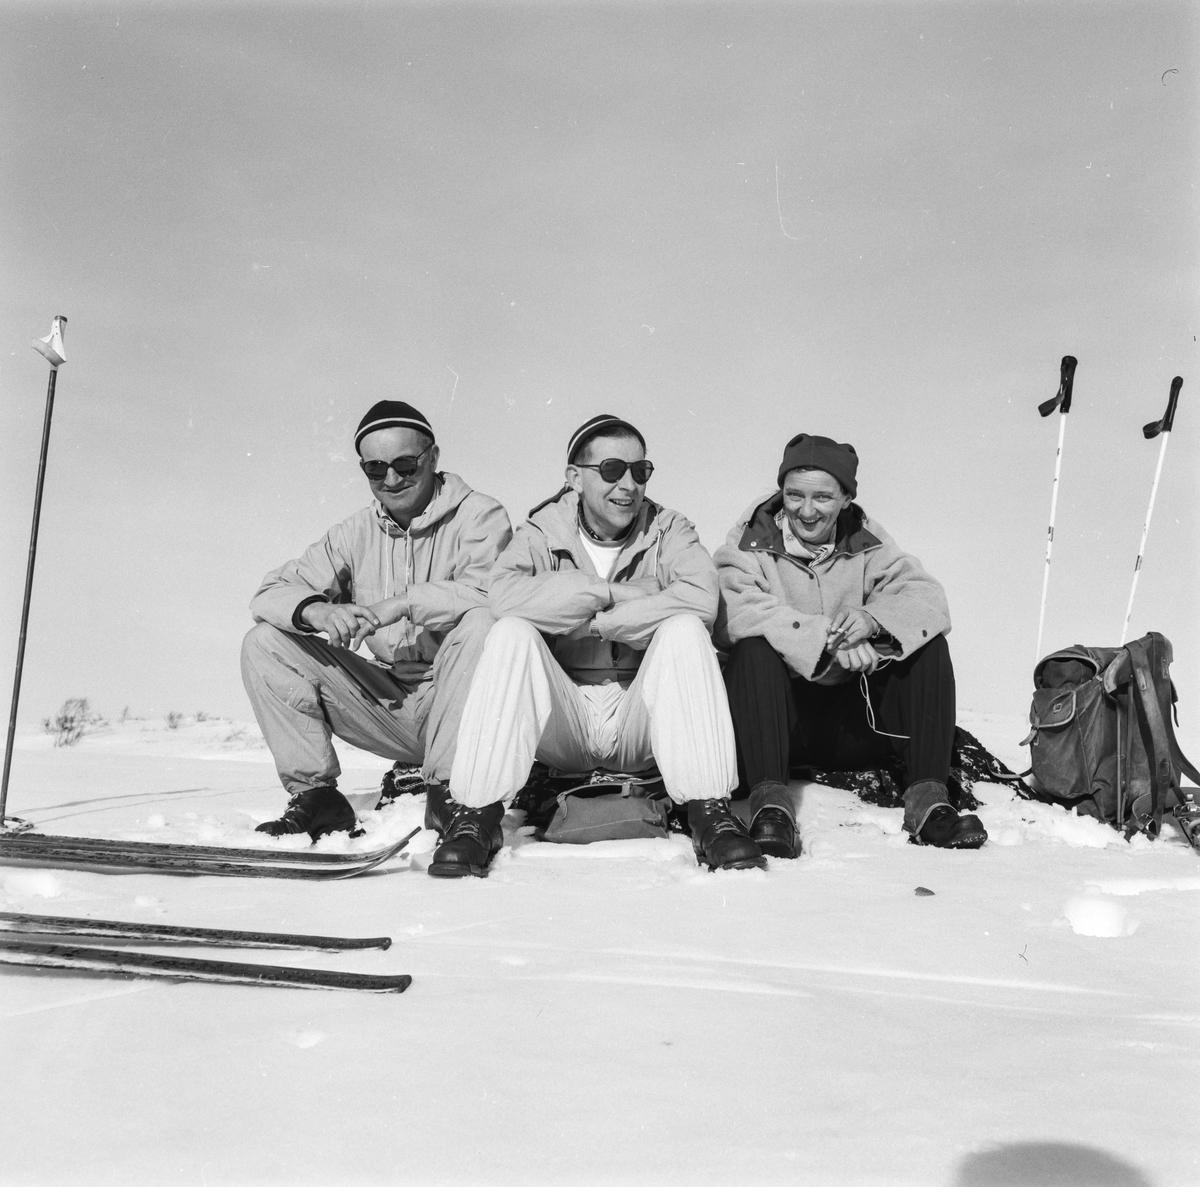 Vinter og snø to menn og ei kvinne på skitur, anorakkar, strekkbukser, beksaumsko, solbriller, ski og stavar, Kongsberghue, panneband, ryggsekk, ransel,